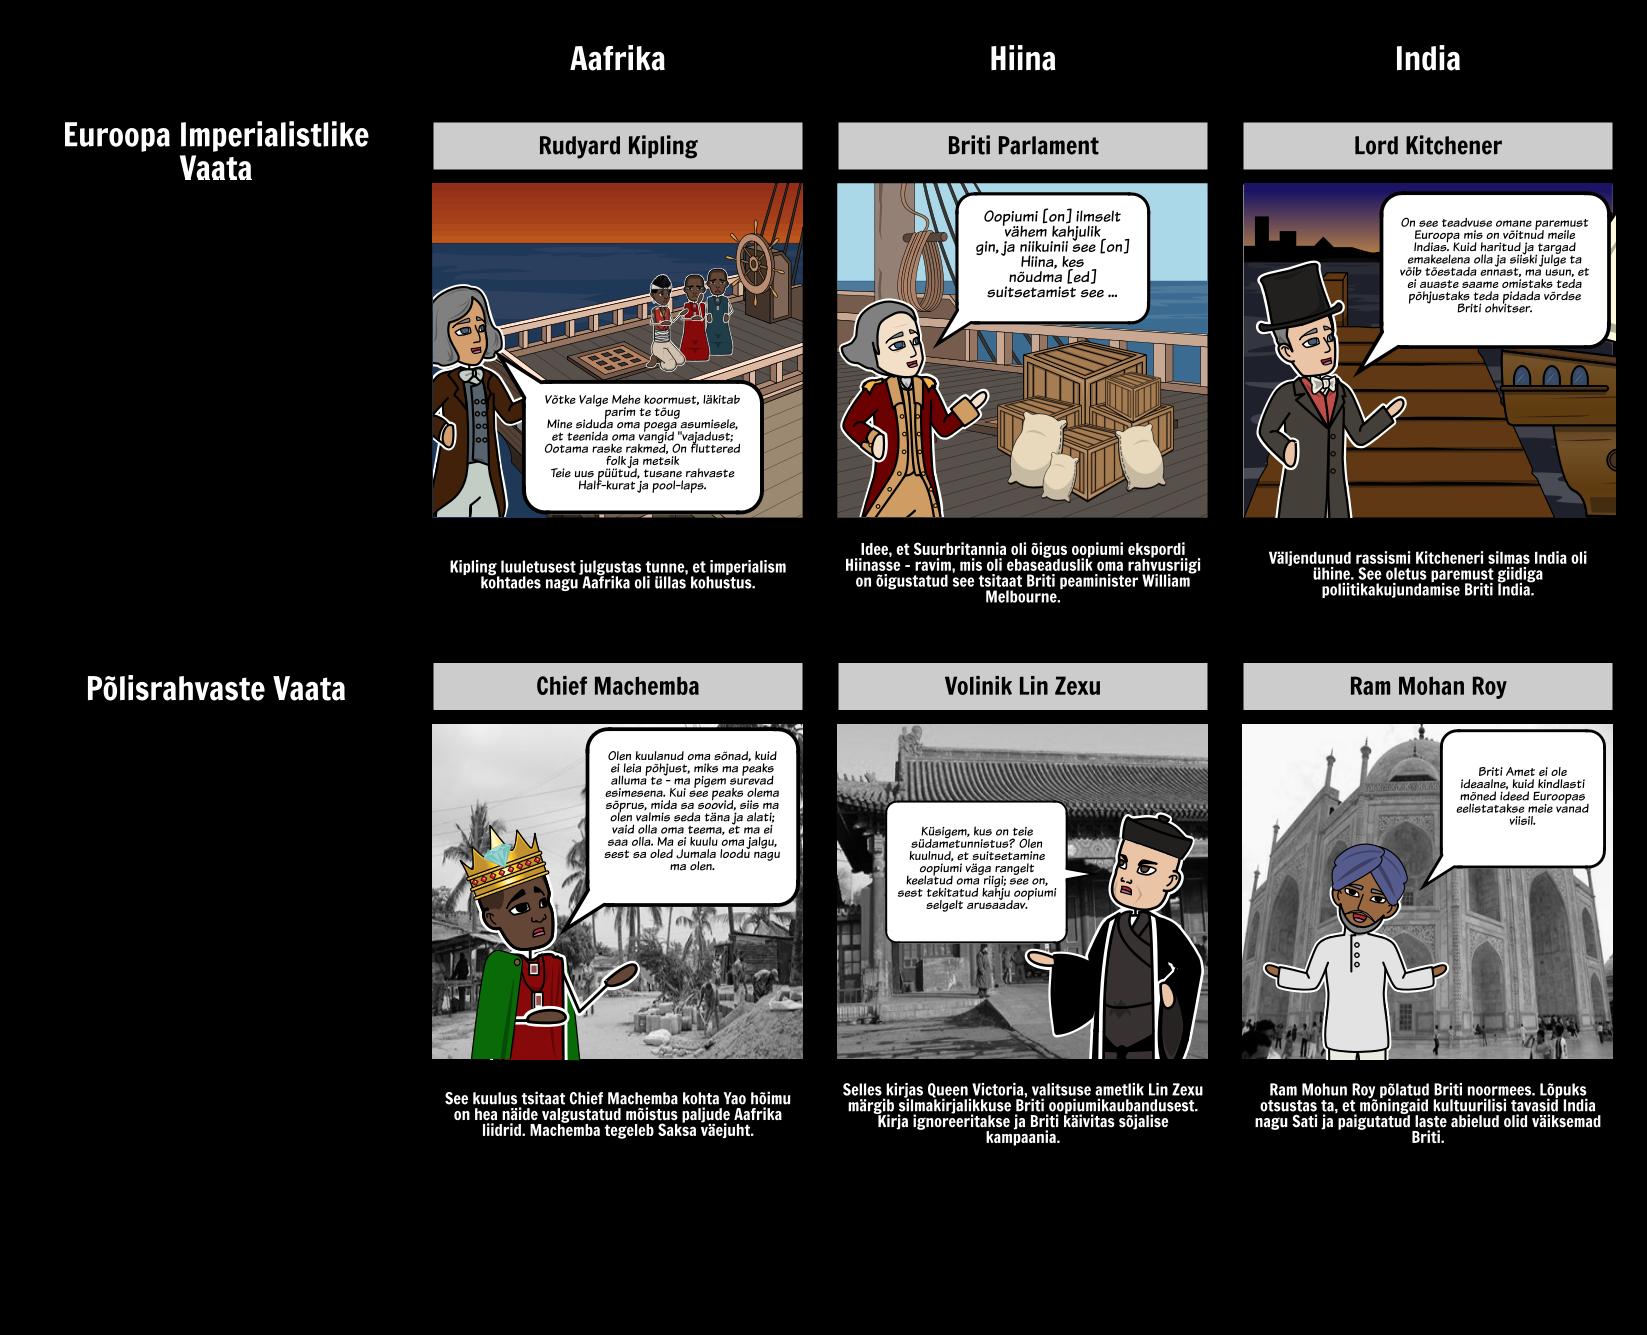 Ajalugu Imperialism - Vastandlikud POV Imperialistlik vs Põlisrahvaste